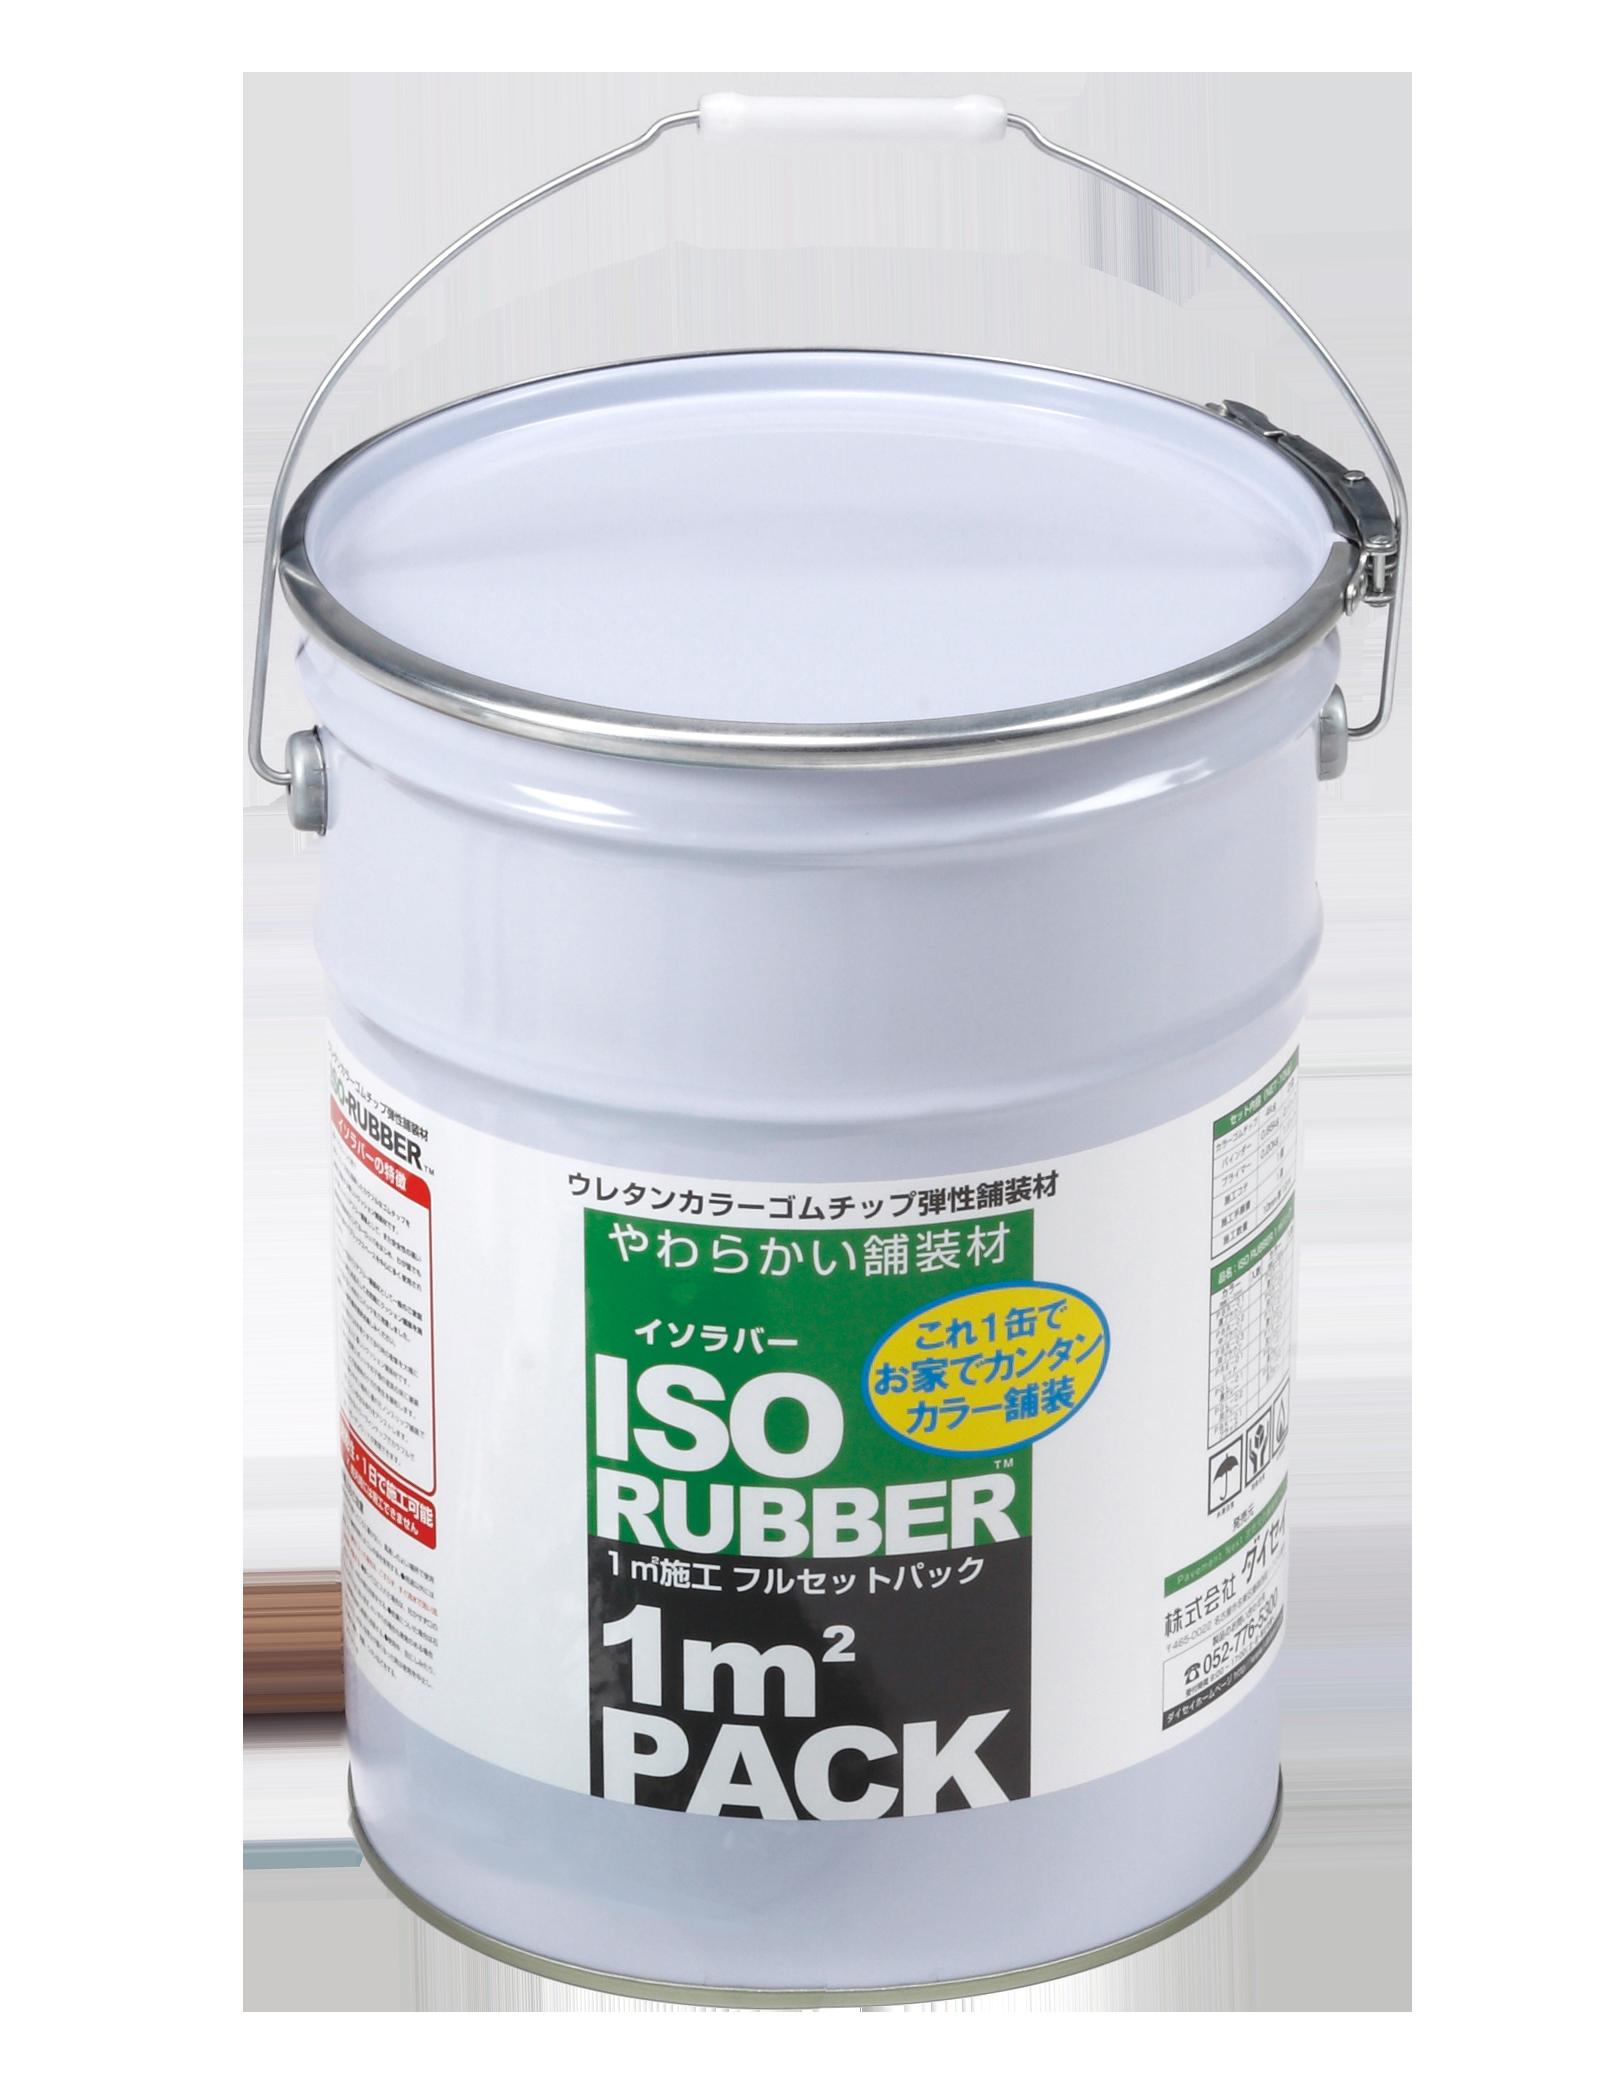 ISO-RUBBER PACK 1㎡施工セットパック